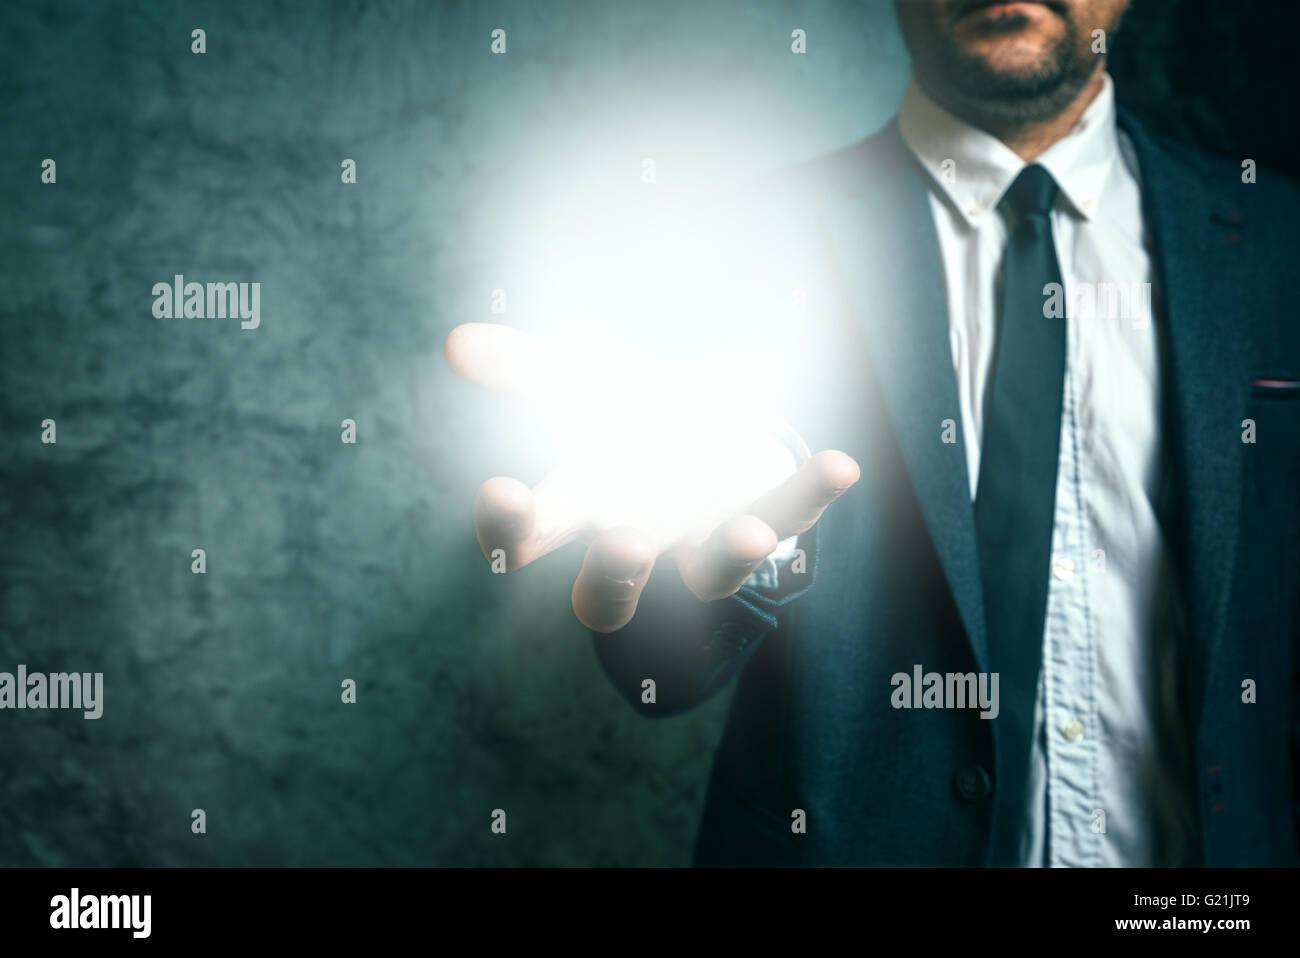 Vision de l'entreprise concept avec adultes élégant businessman holding brillante lumière de Photo Stock